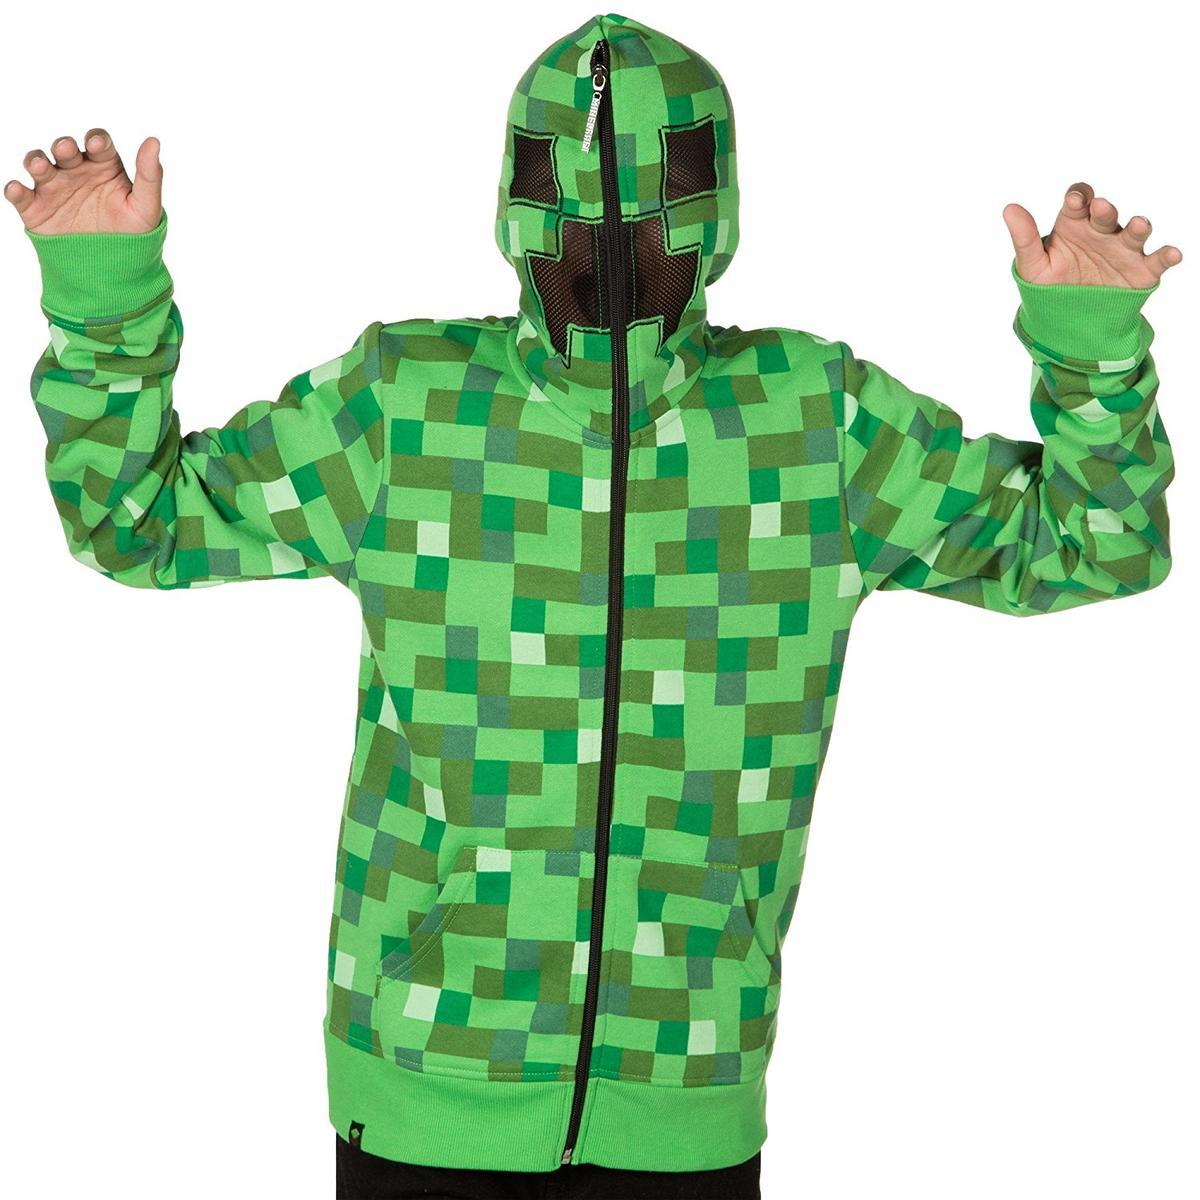 マイクラ クリーパー ジュニア ユース サイズ パーカー マインクラフト 緑 テレビゲーム